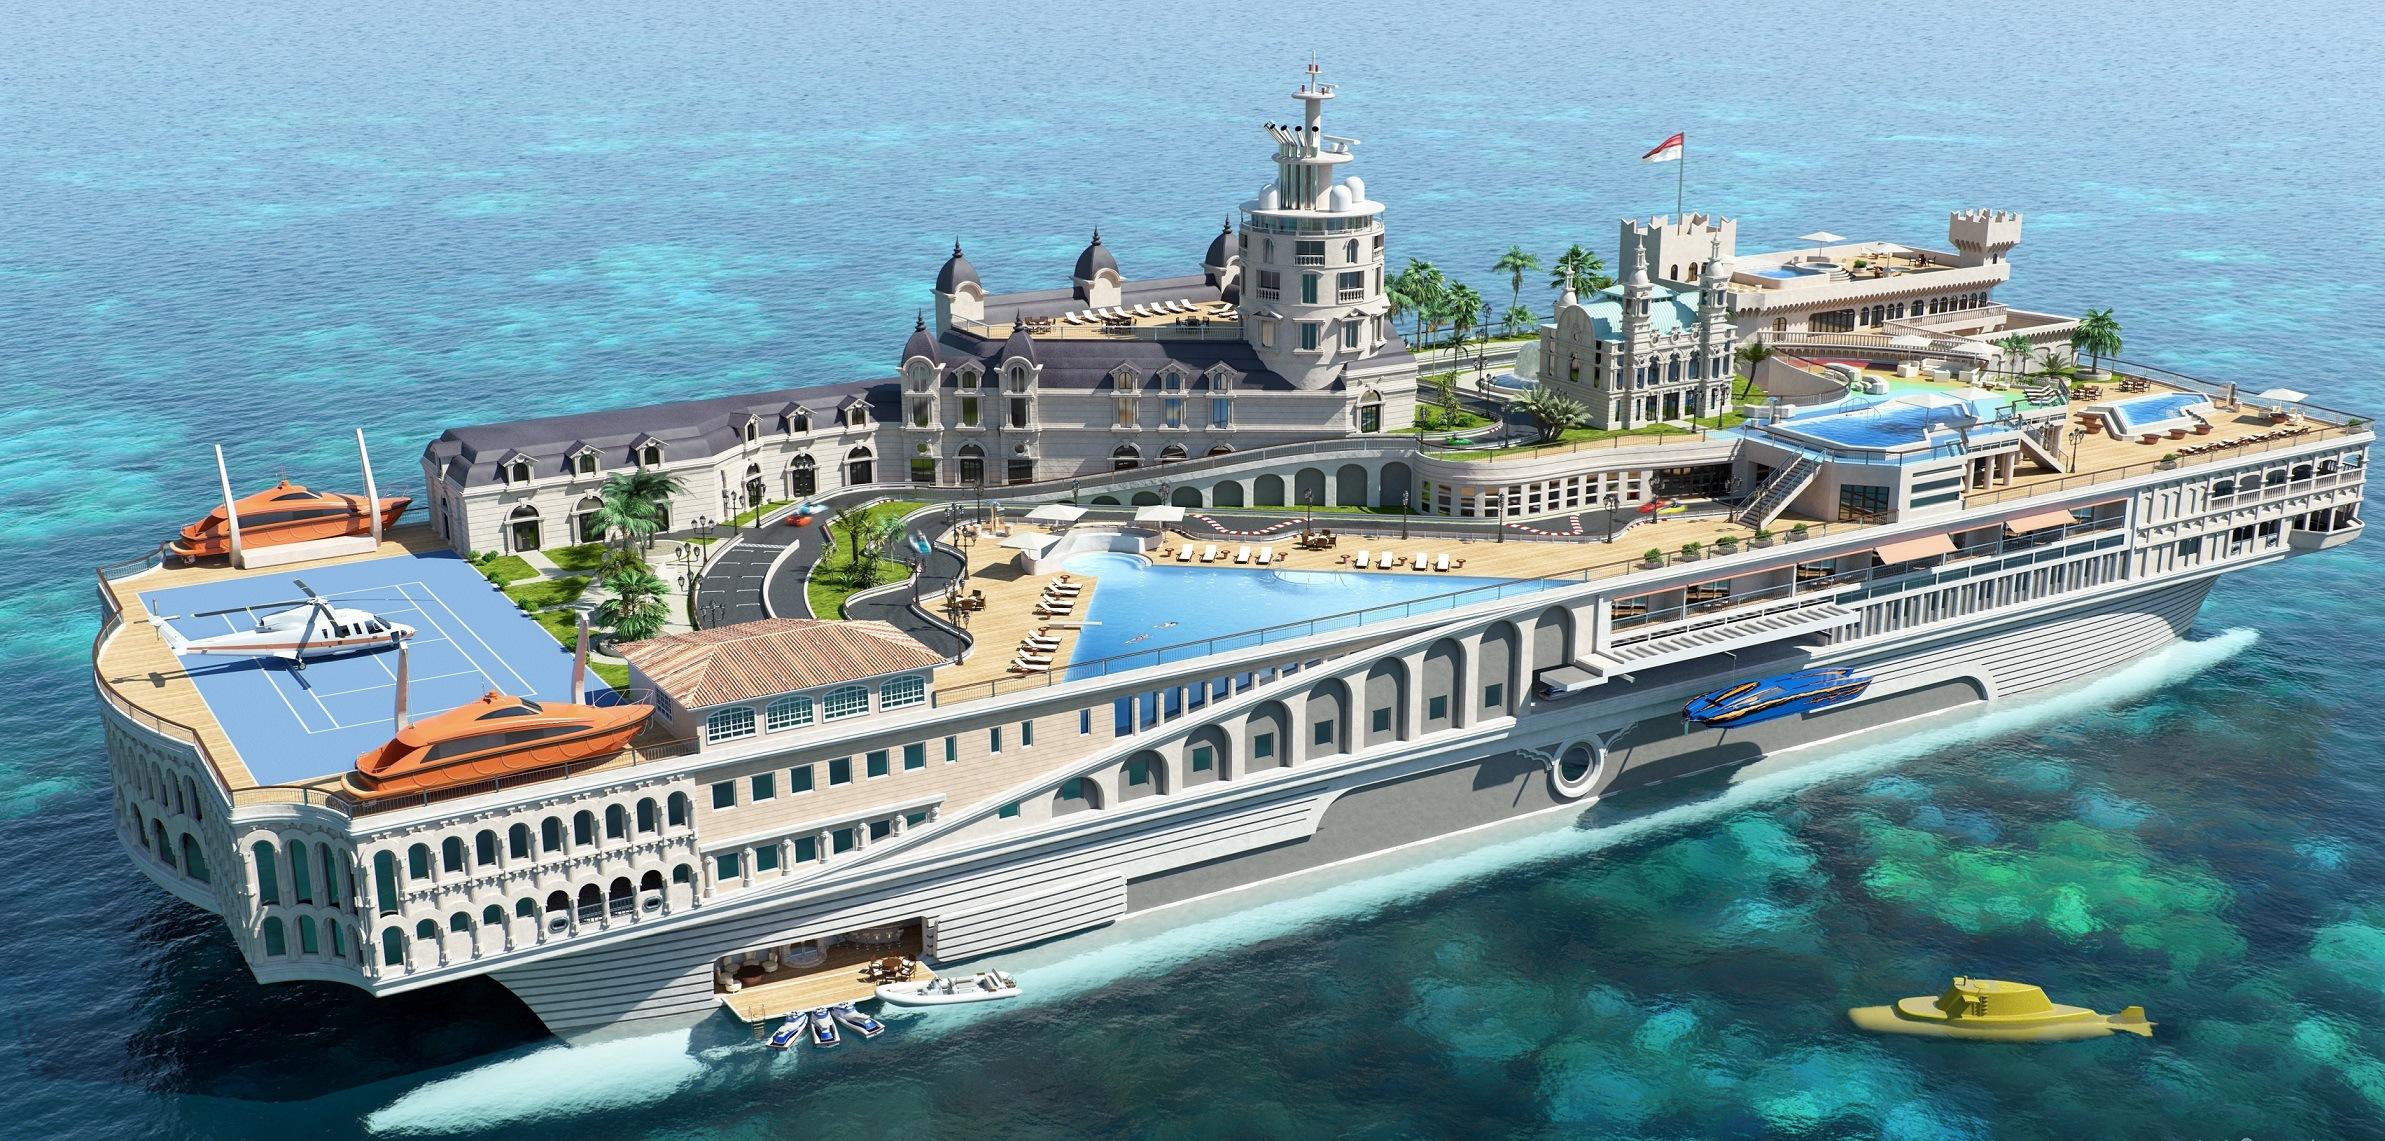 Streets of Monaco luxury yacht exterior